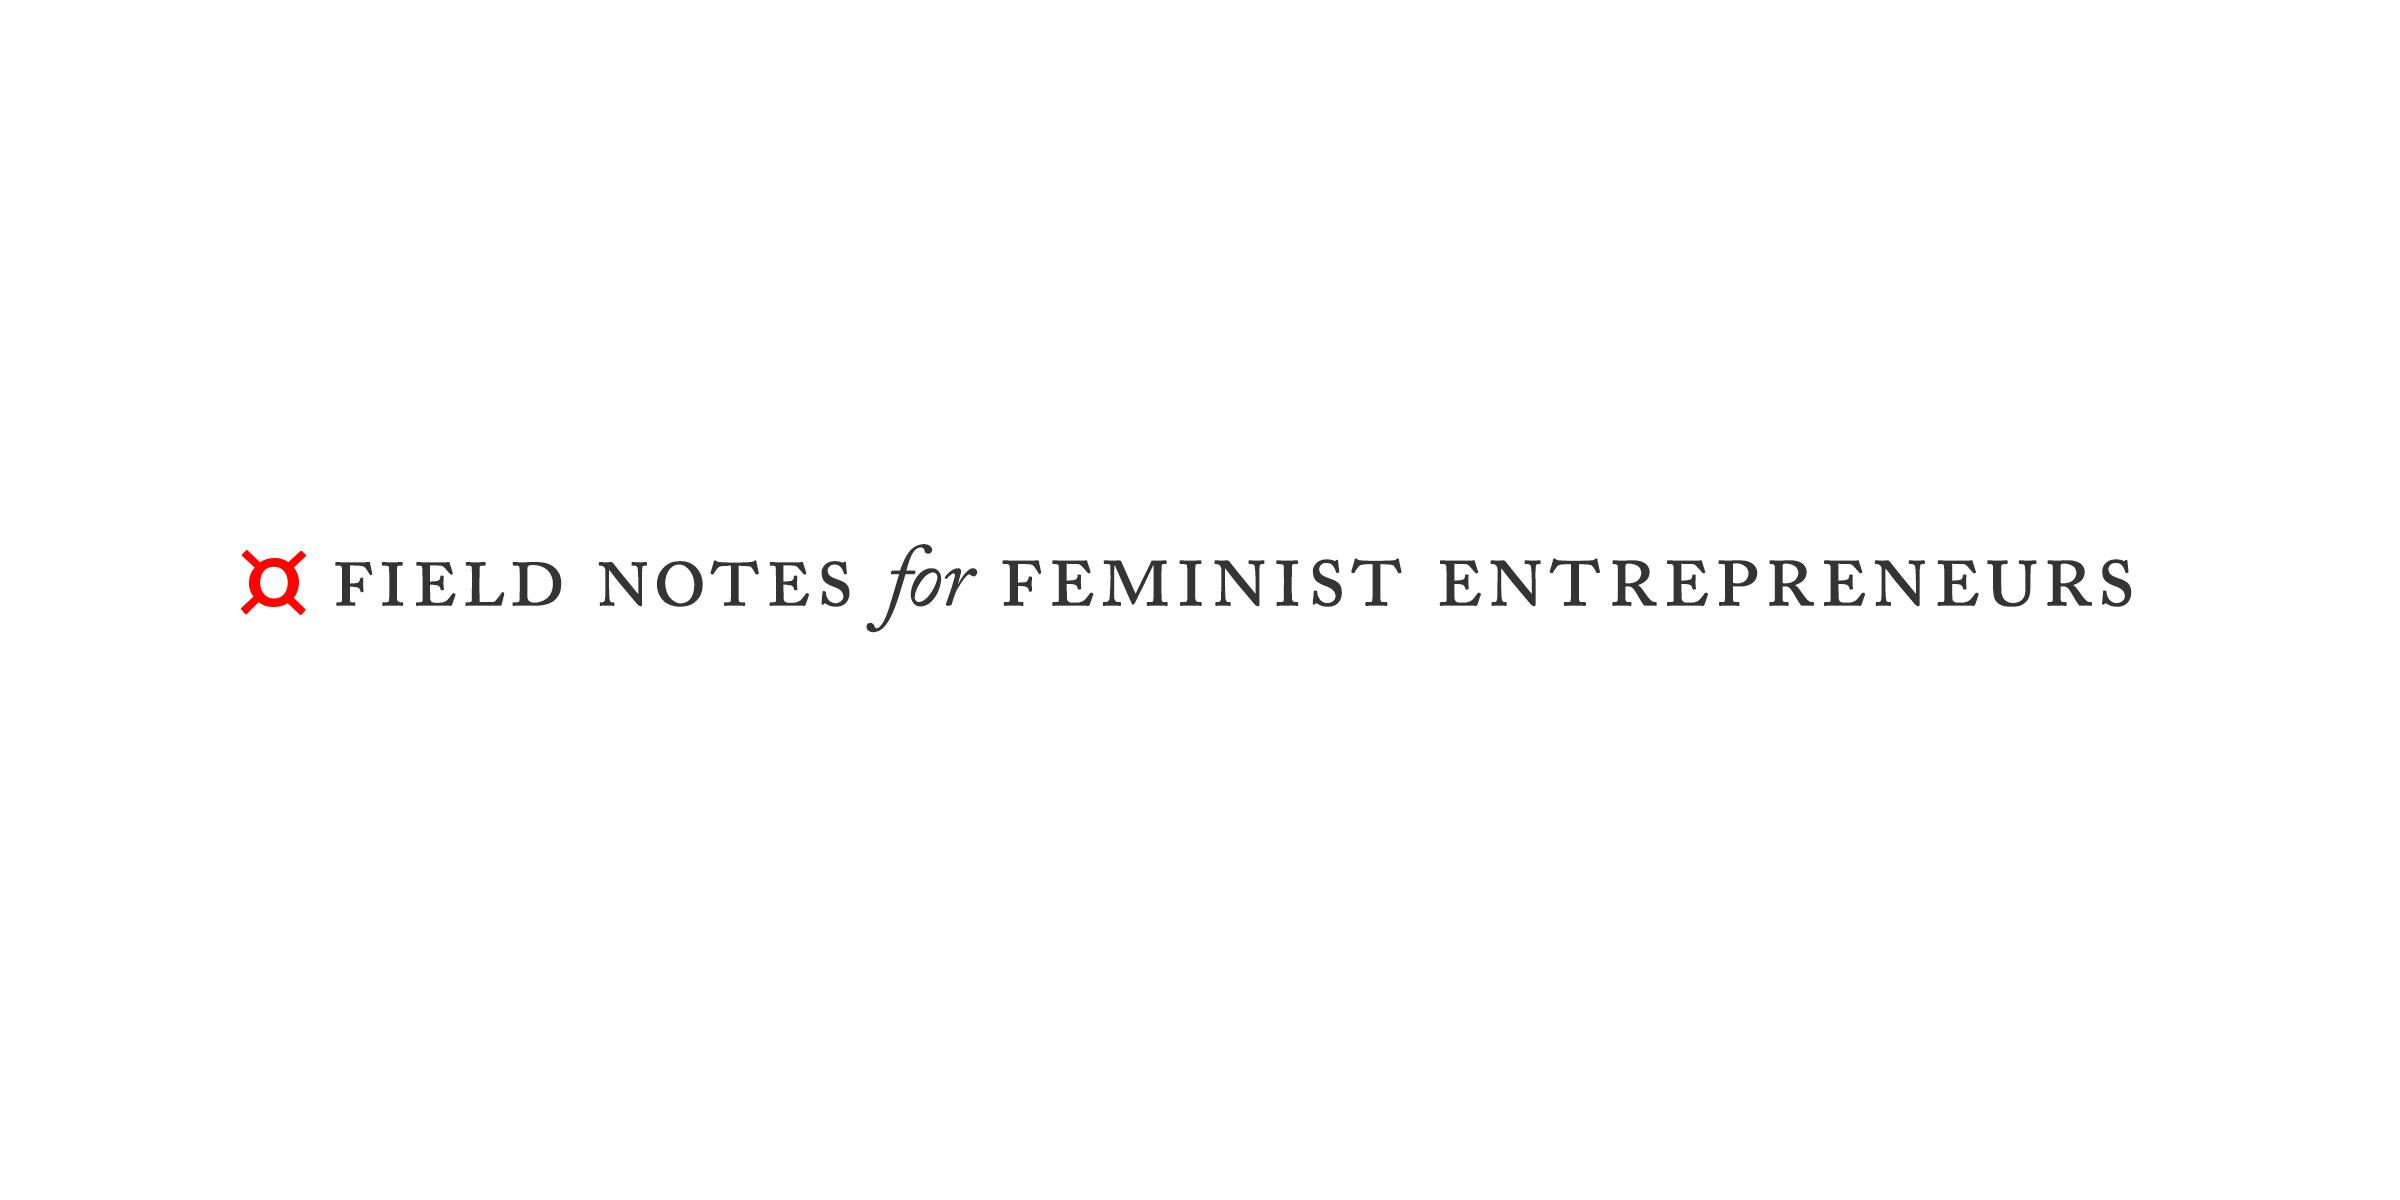 field-notes-for-feminist-entrepreneurs-business-webzine-wordpress-theme-website-design